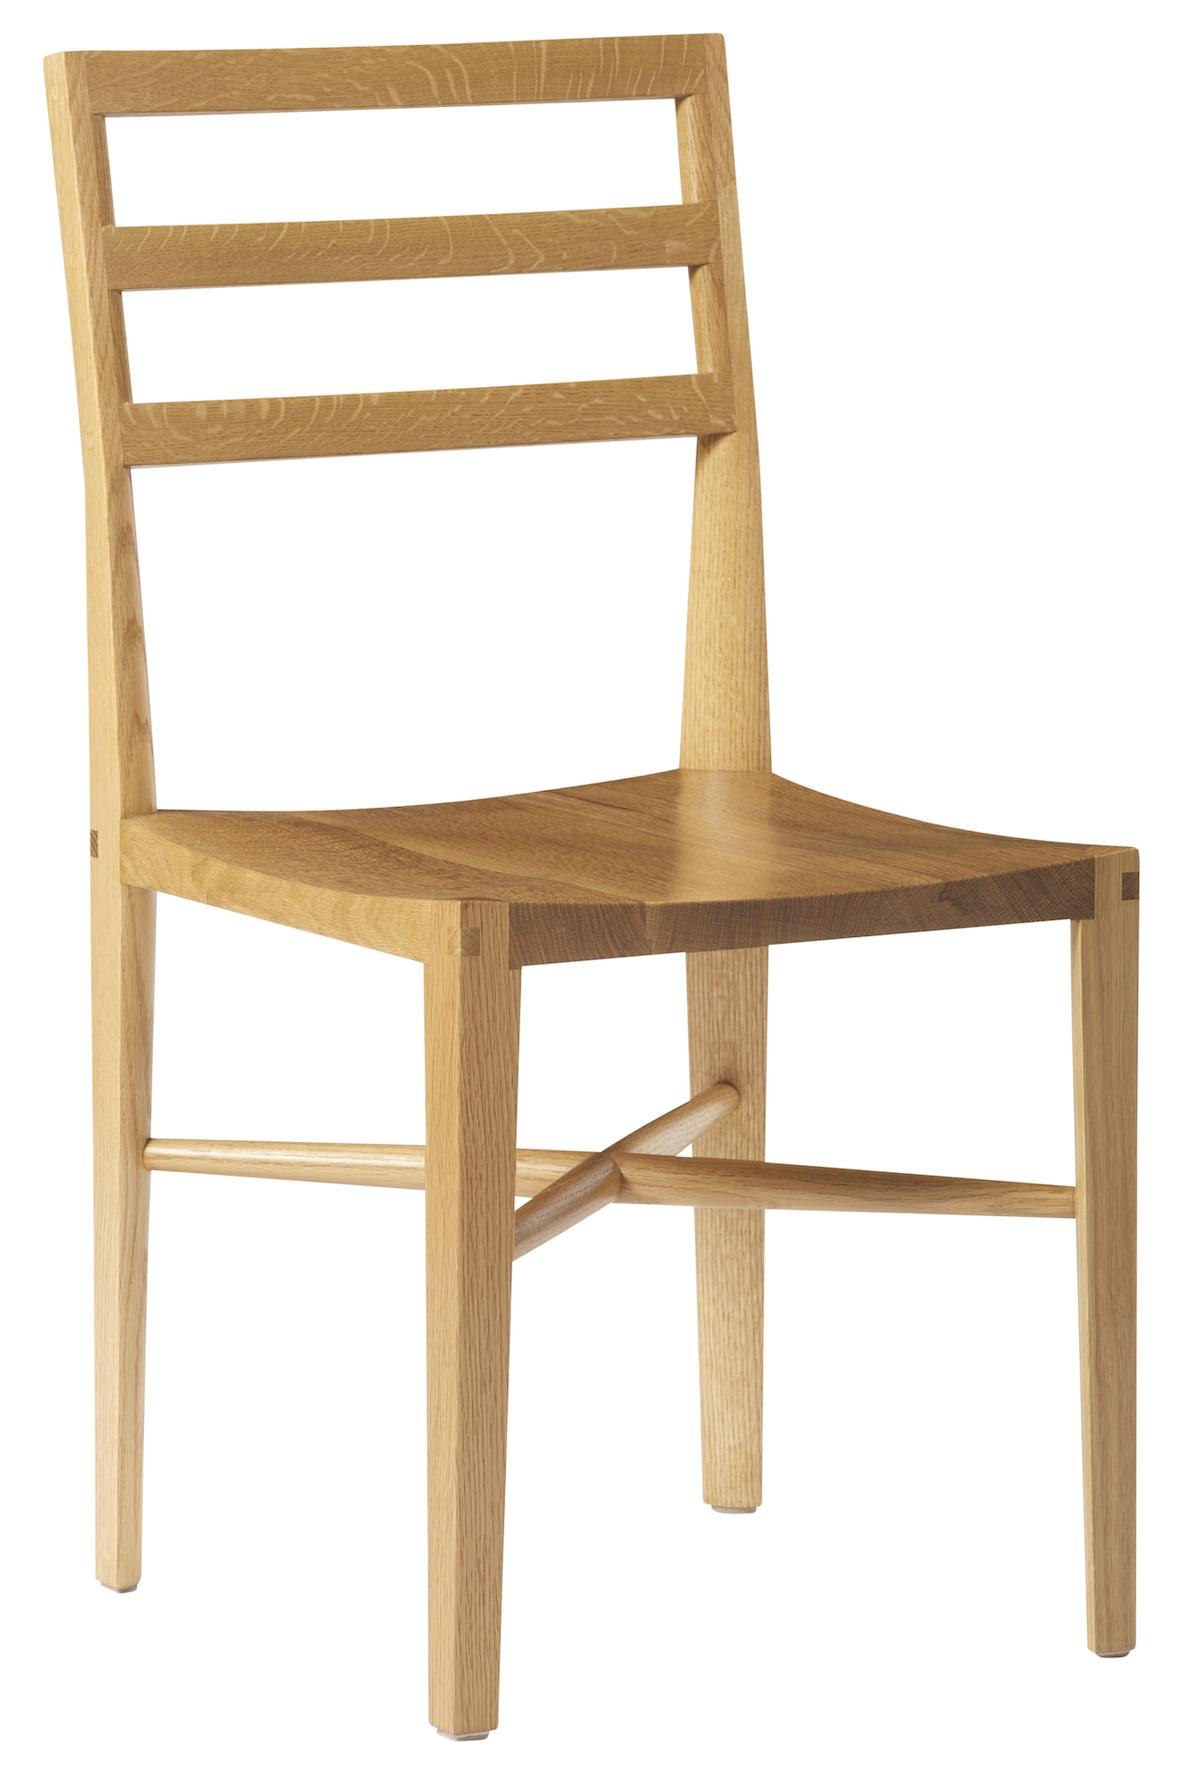 Quarter Round Ladderback Chair by artist Christopher Kurtz